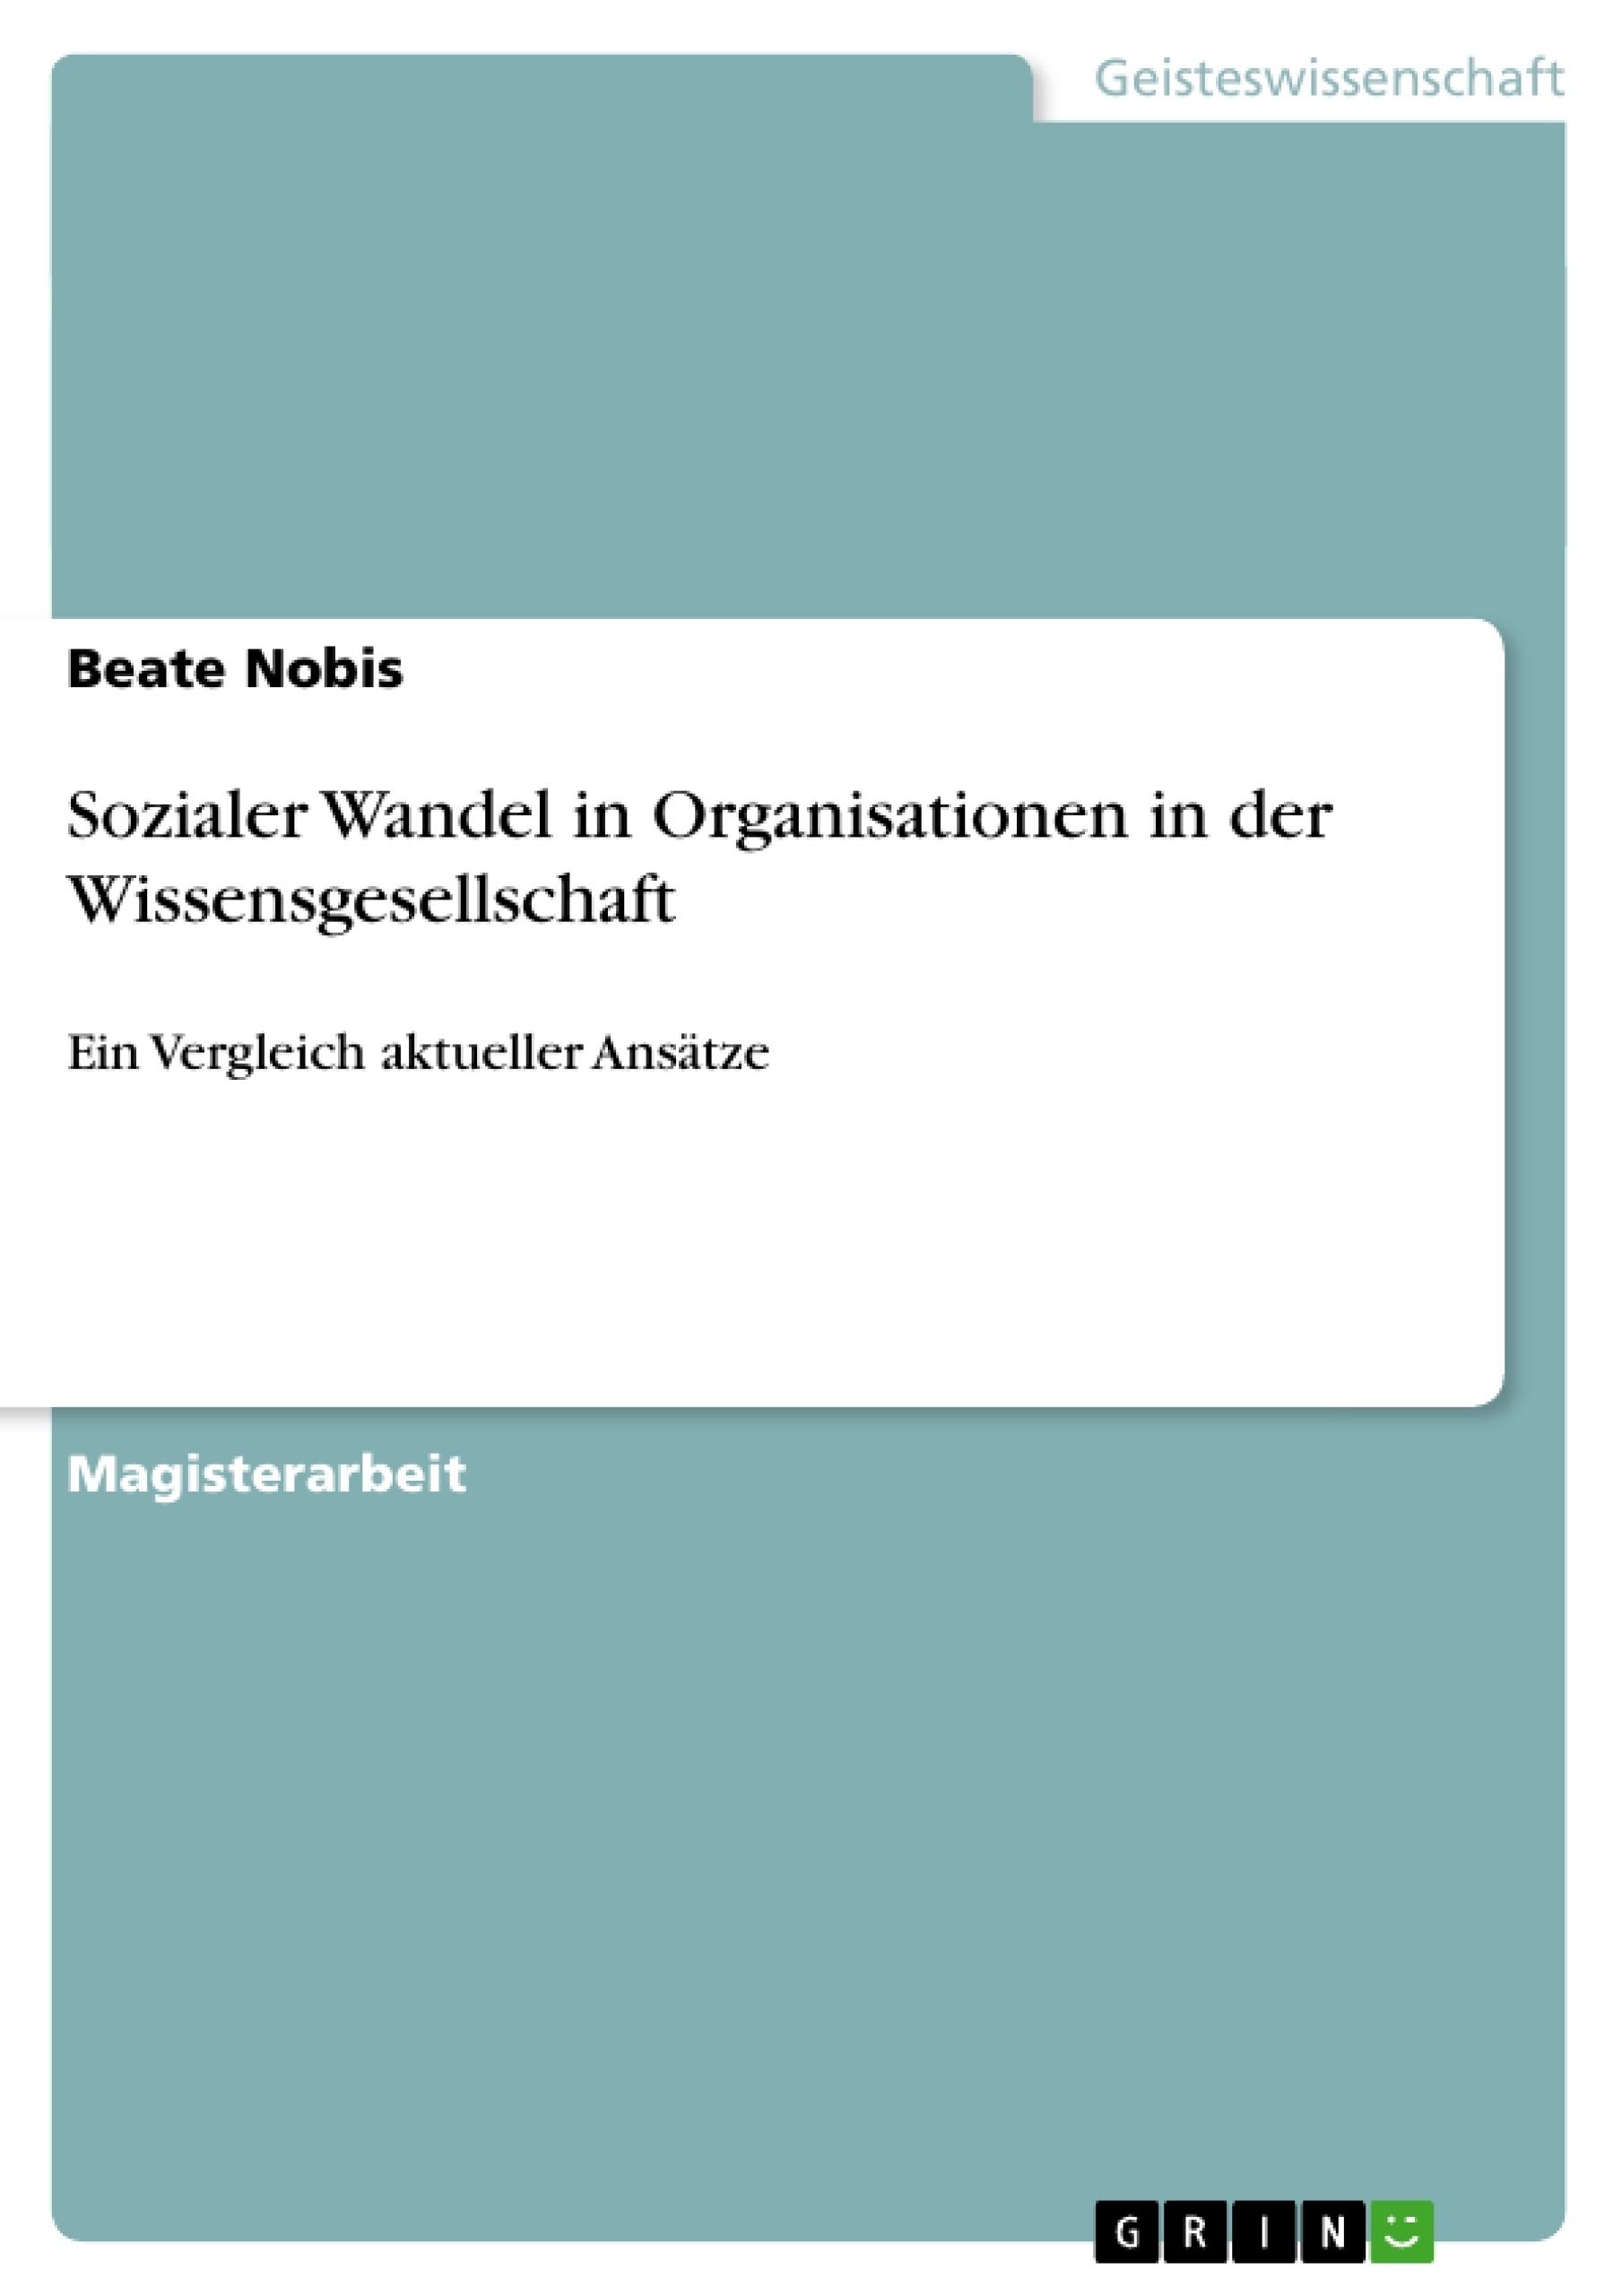 Titel: Sozialer Wandel in Organisationen in der Wissensgesellschaft